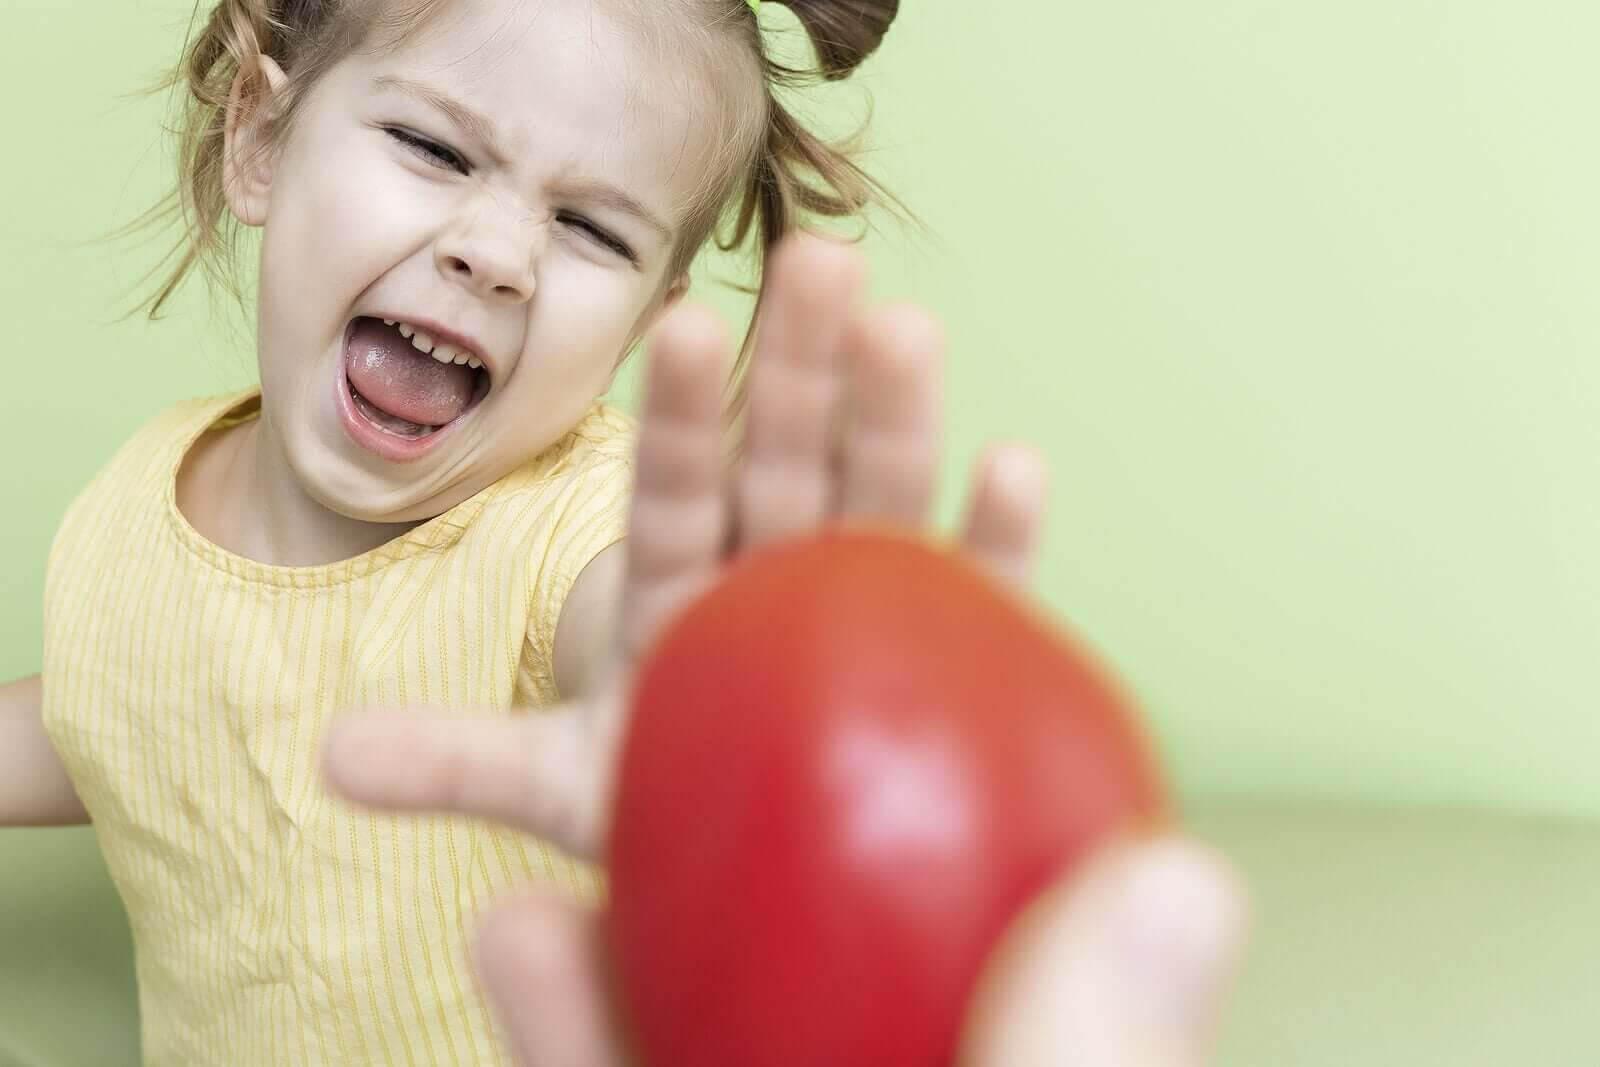 kvävas när han äter: barn säger nej till äpple